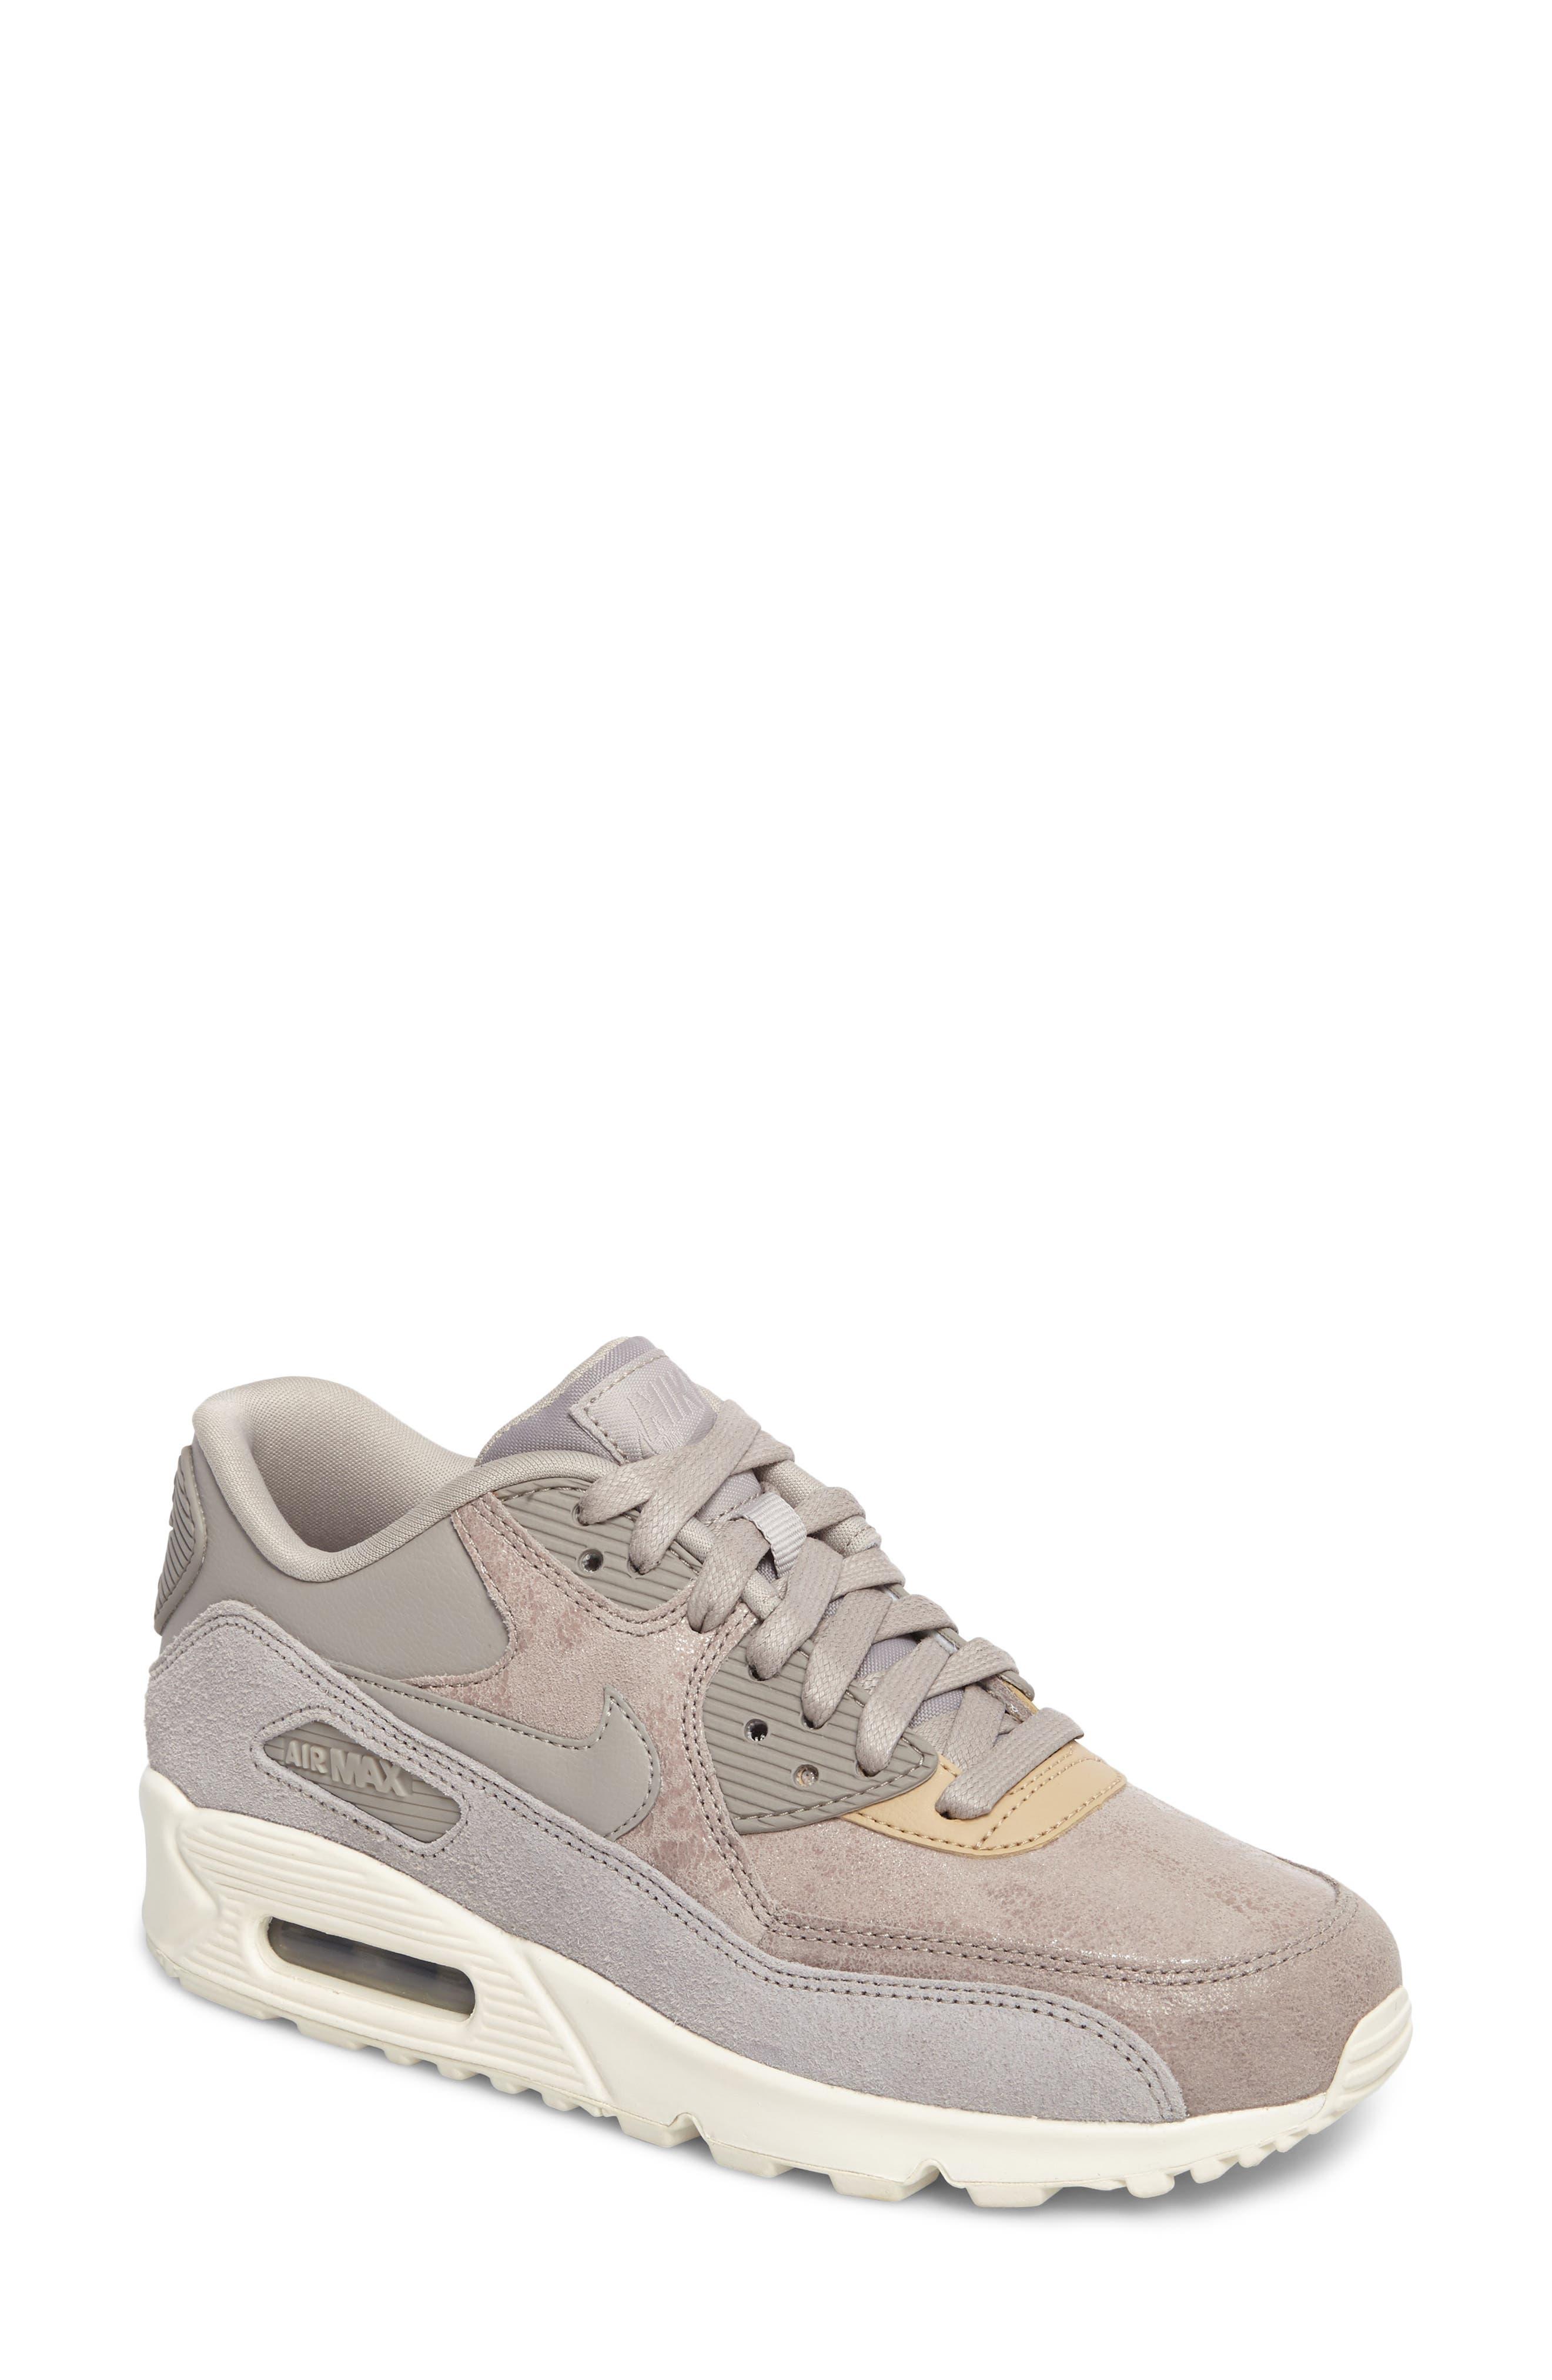 Main Image - Nike Air Max 90 Premium Sneaker (Women)